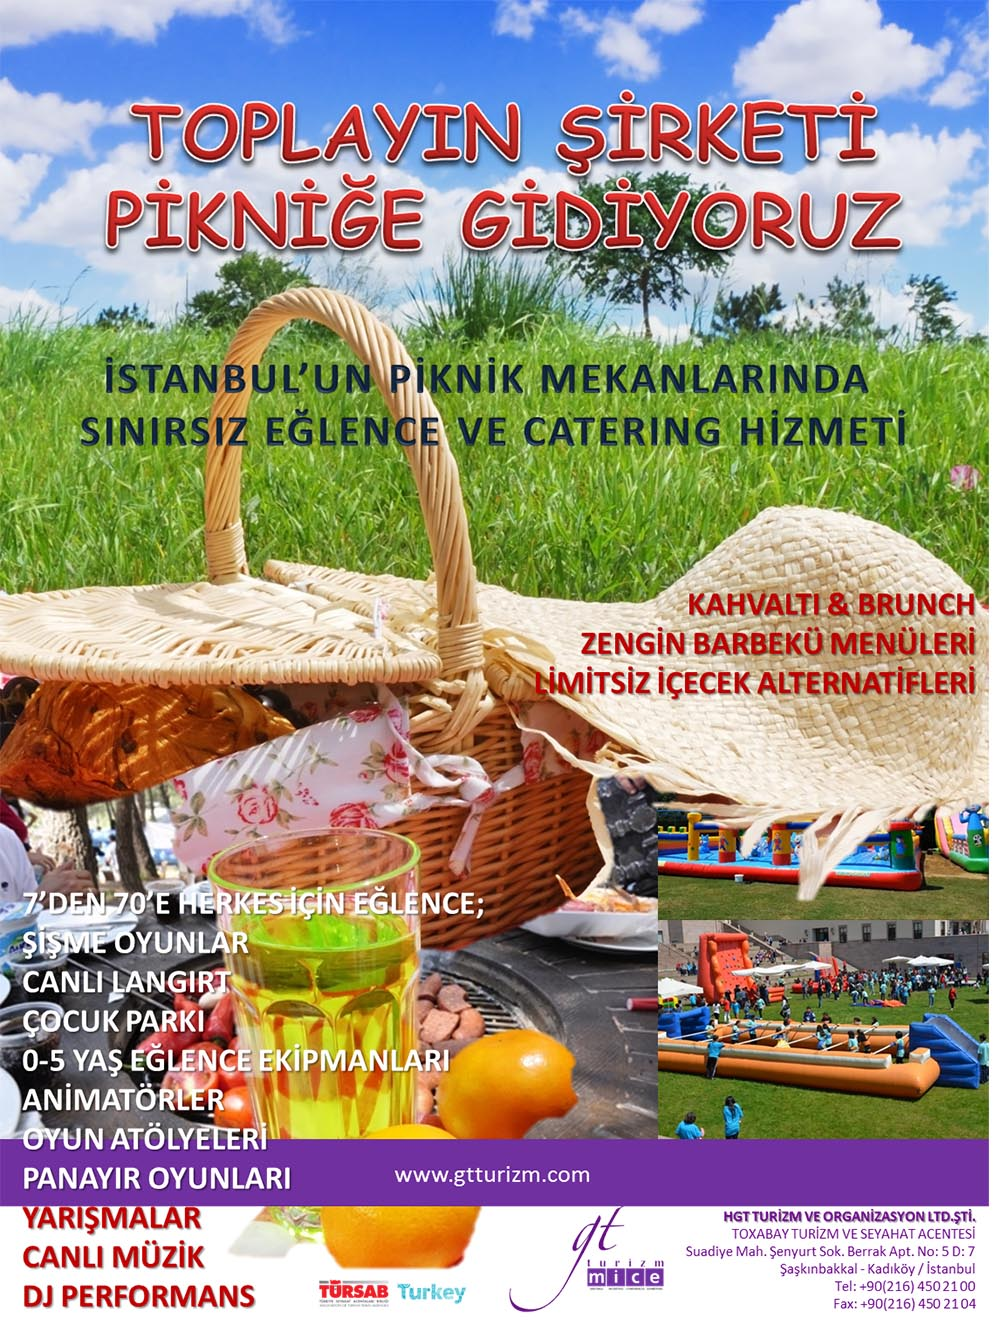 Şirket Piknikleri Kampanya Afiş